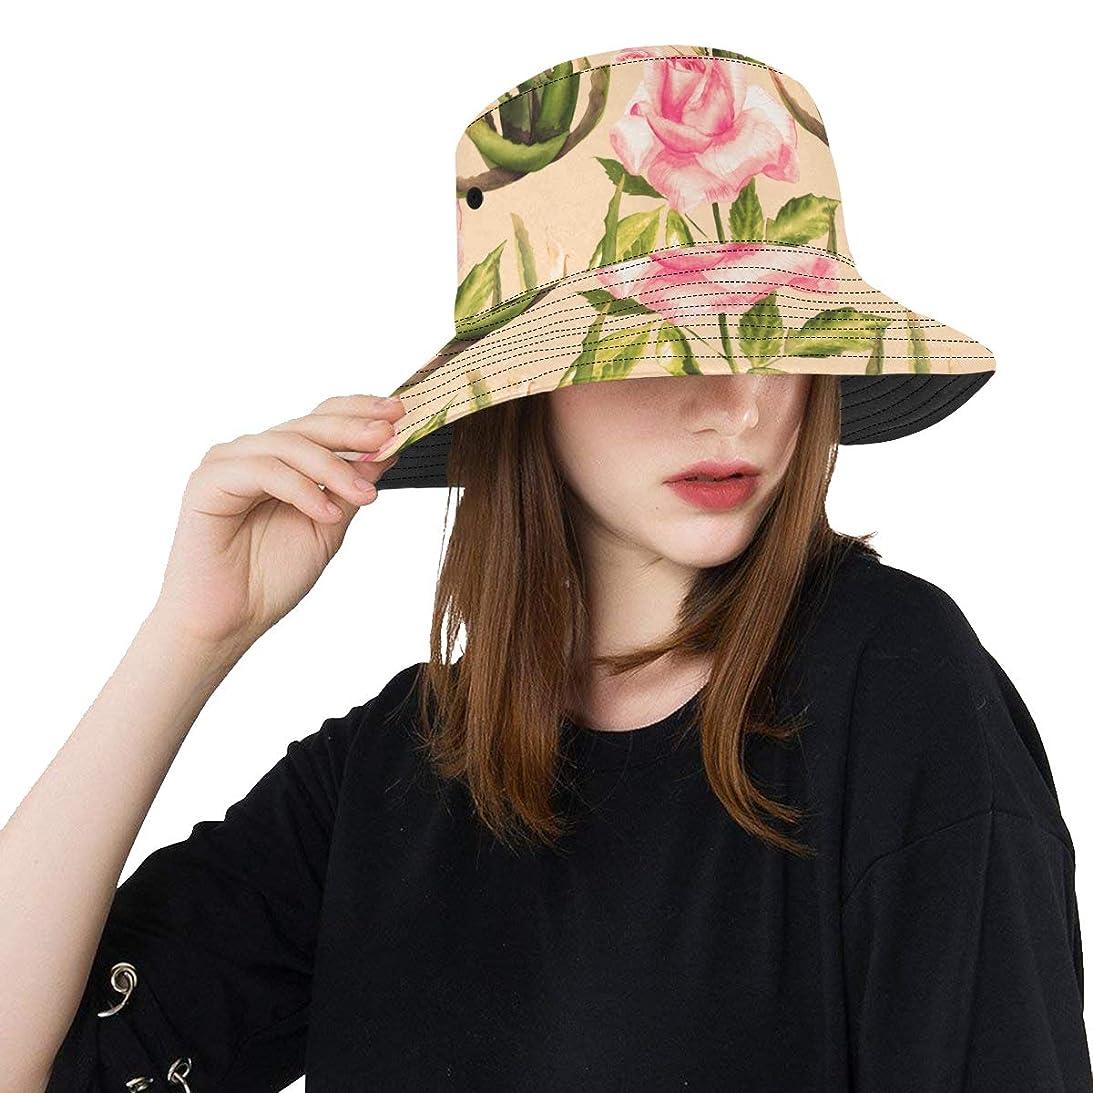 打撃枯れる句HASHA Uvカット帽子 きれいな植物 アロエ バケットハット サンバイザー 日よけ 日焼け止め レディース 女子 綿 つば広 おしゃれ 折りたたみ 春夏 ストローハット アウトドア 旅行 トラベル 紫外線対策 遮光 吸汗速乾 小顔効果抜群